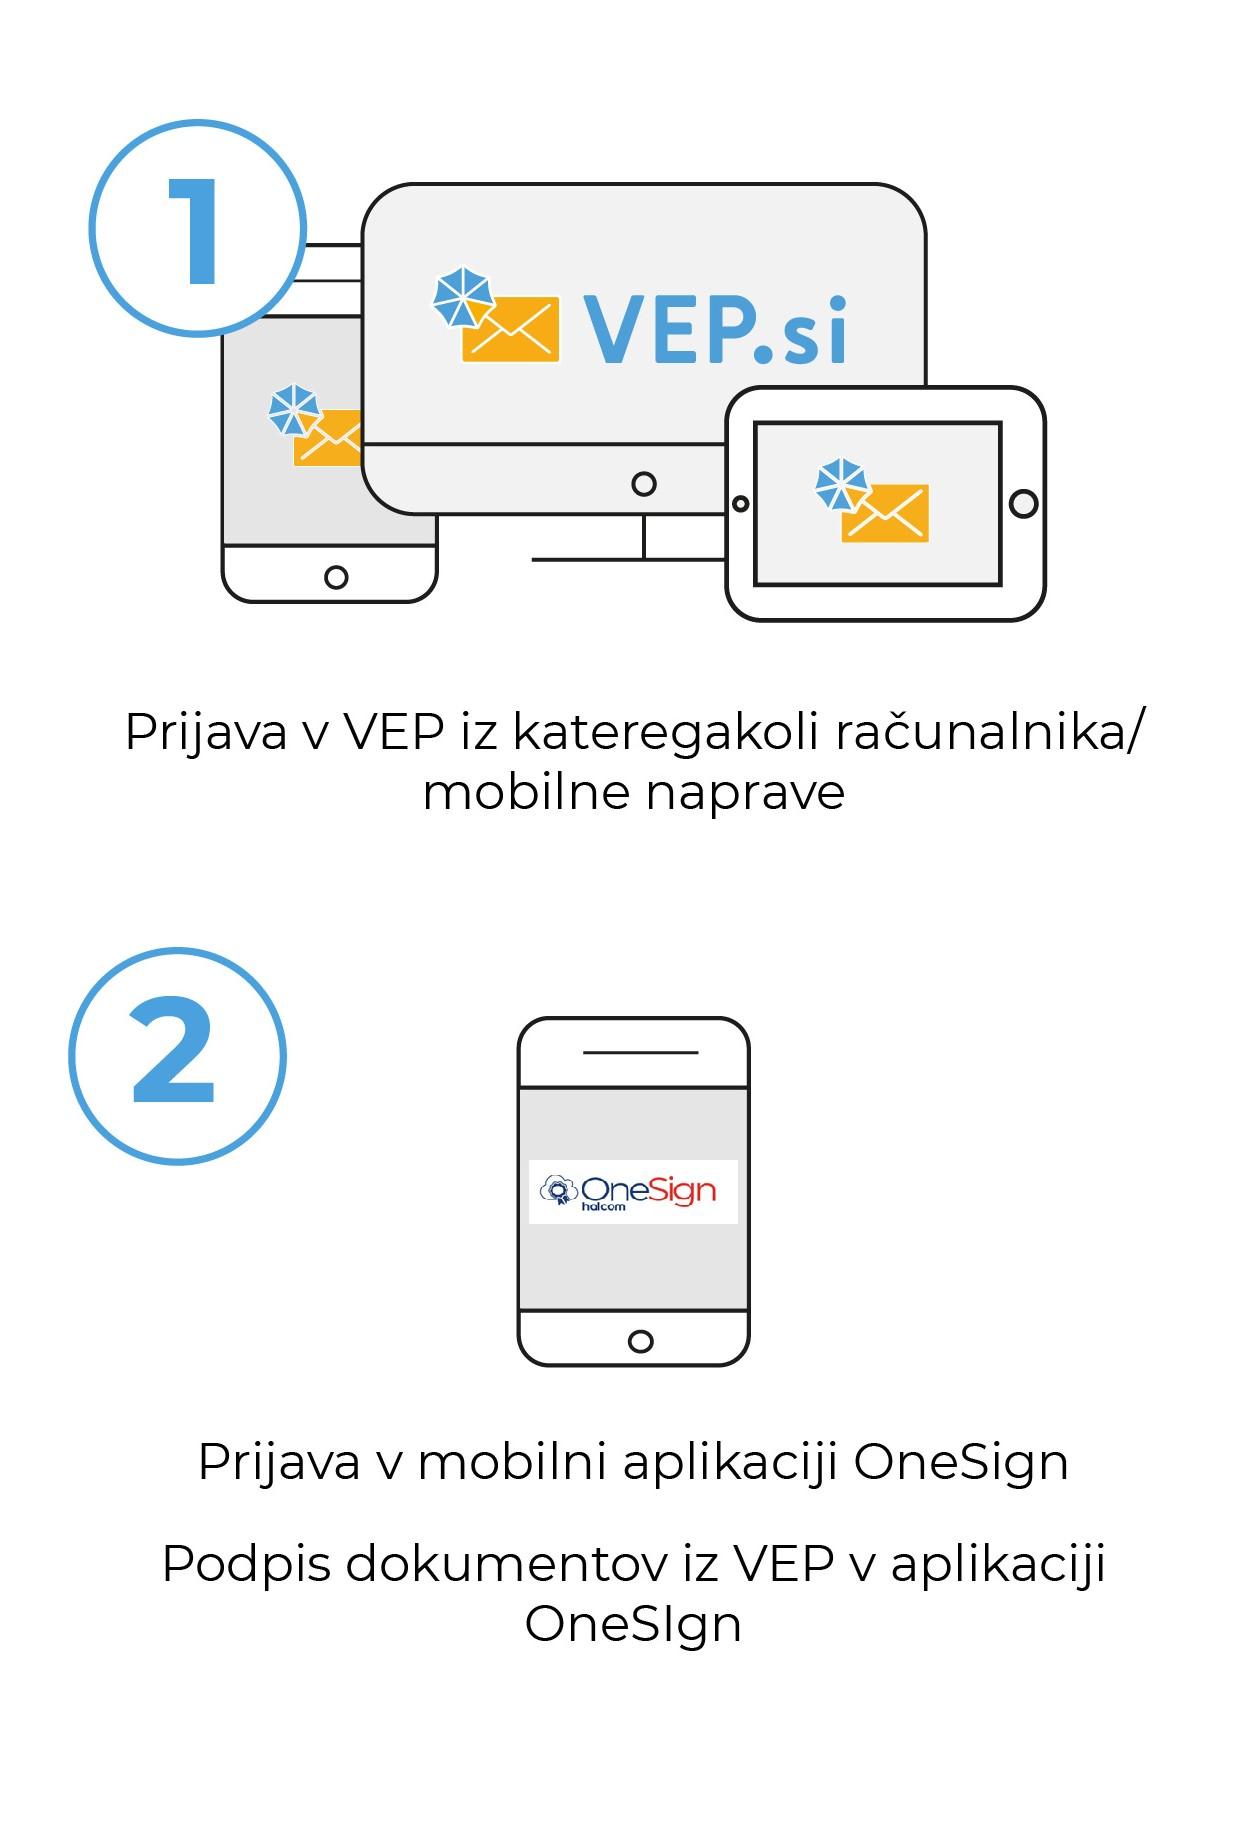 VEP Home Multiplatform 01 01